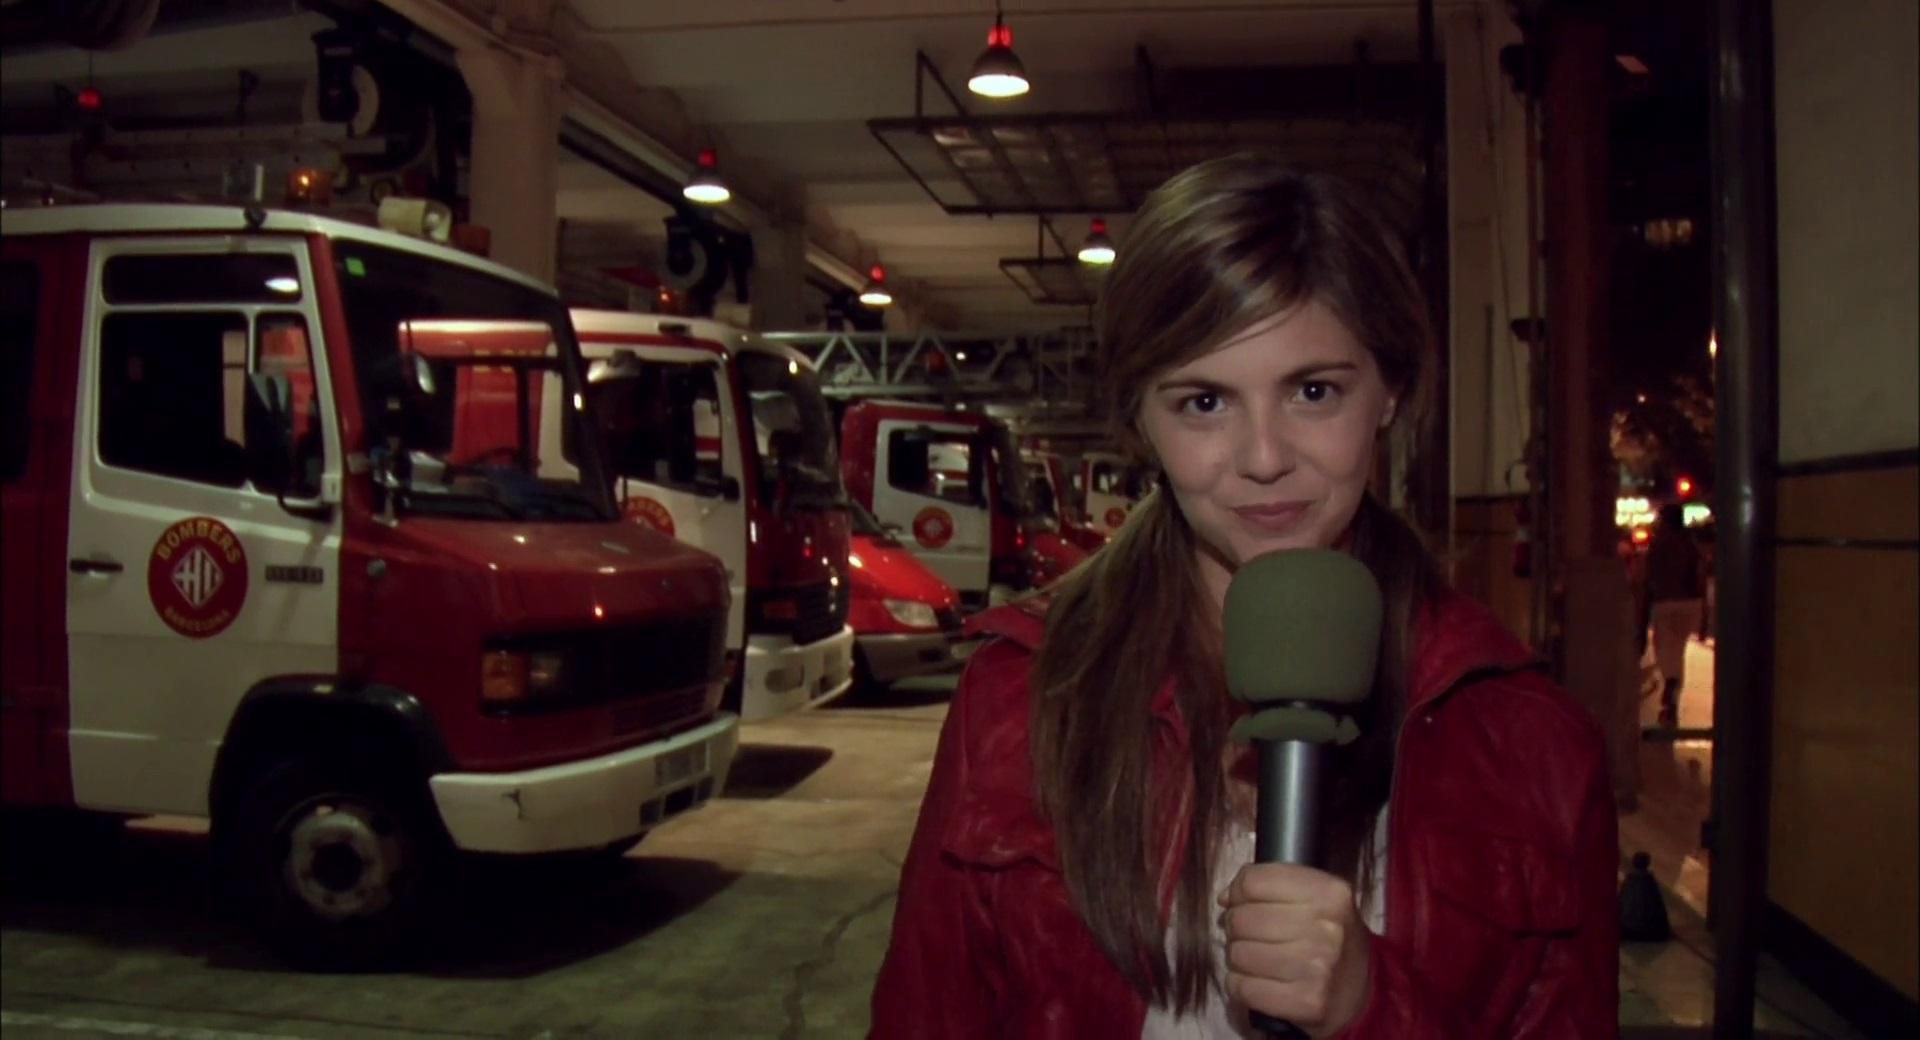 TV news presenter Angela Vidal (Manuela Velasco) in [Rec] (2007)